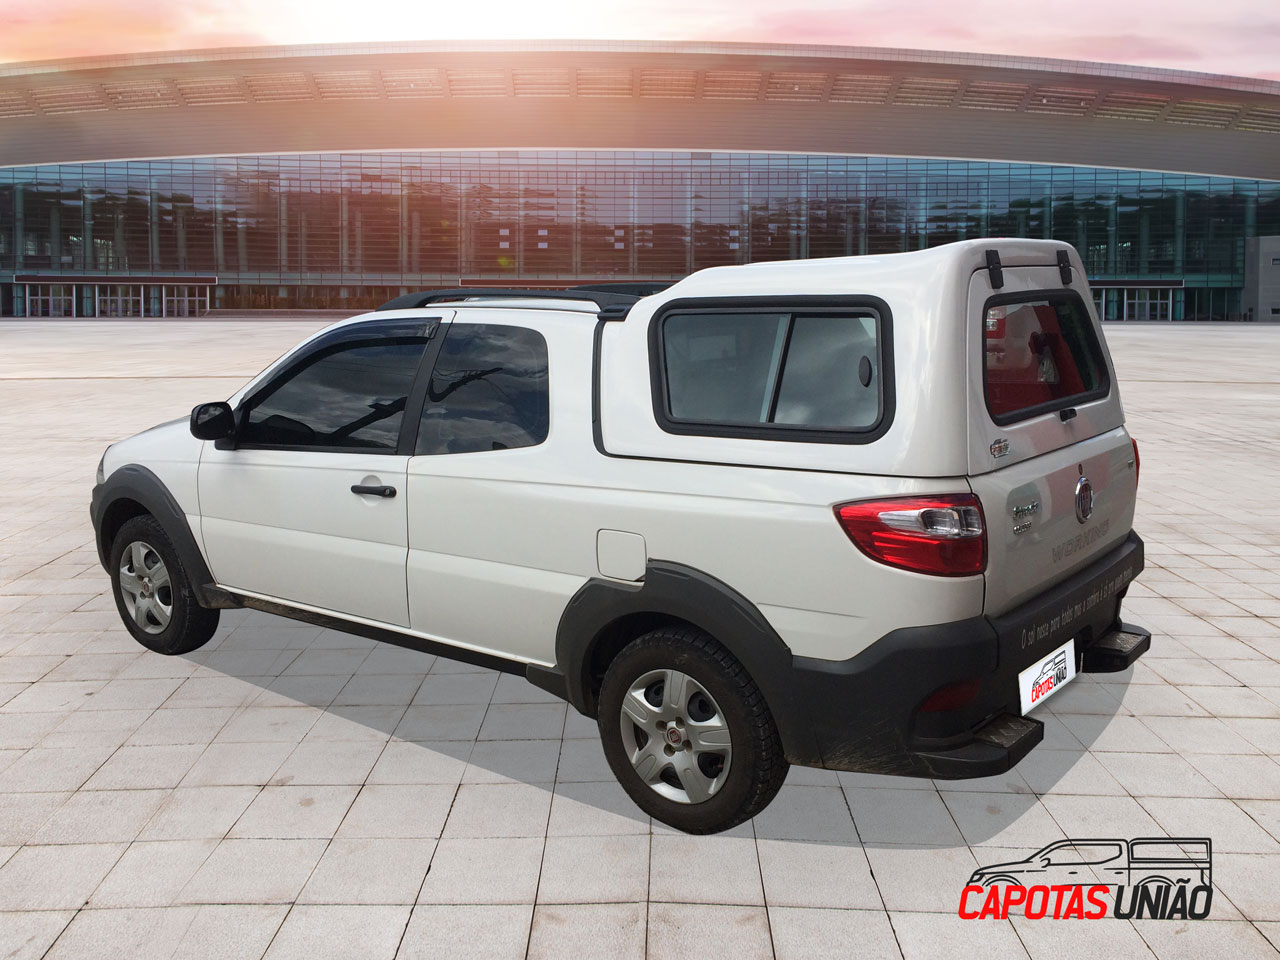 Capota-Fiat-strada-2